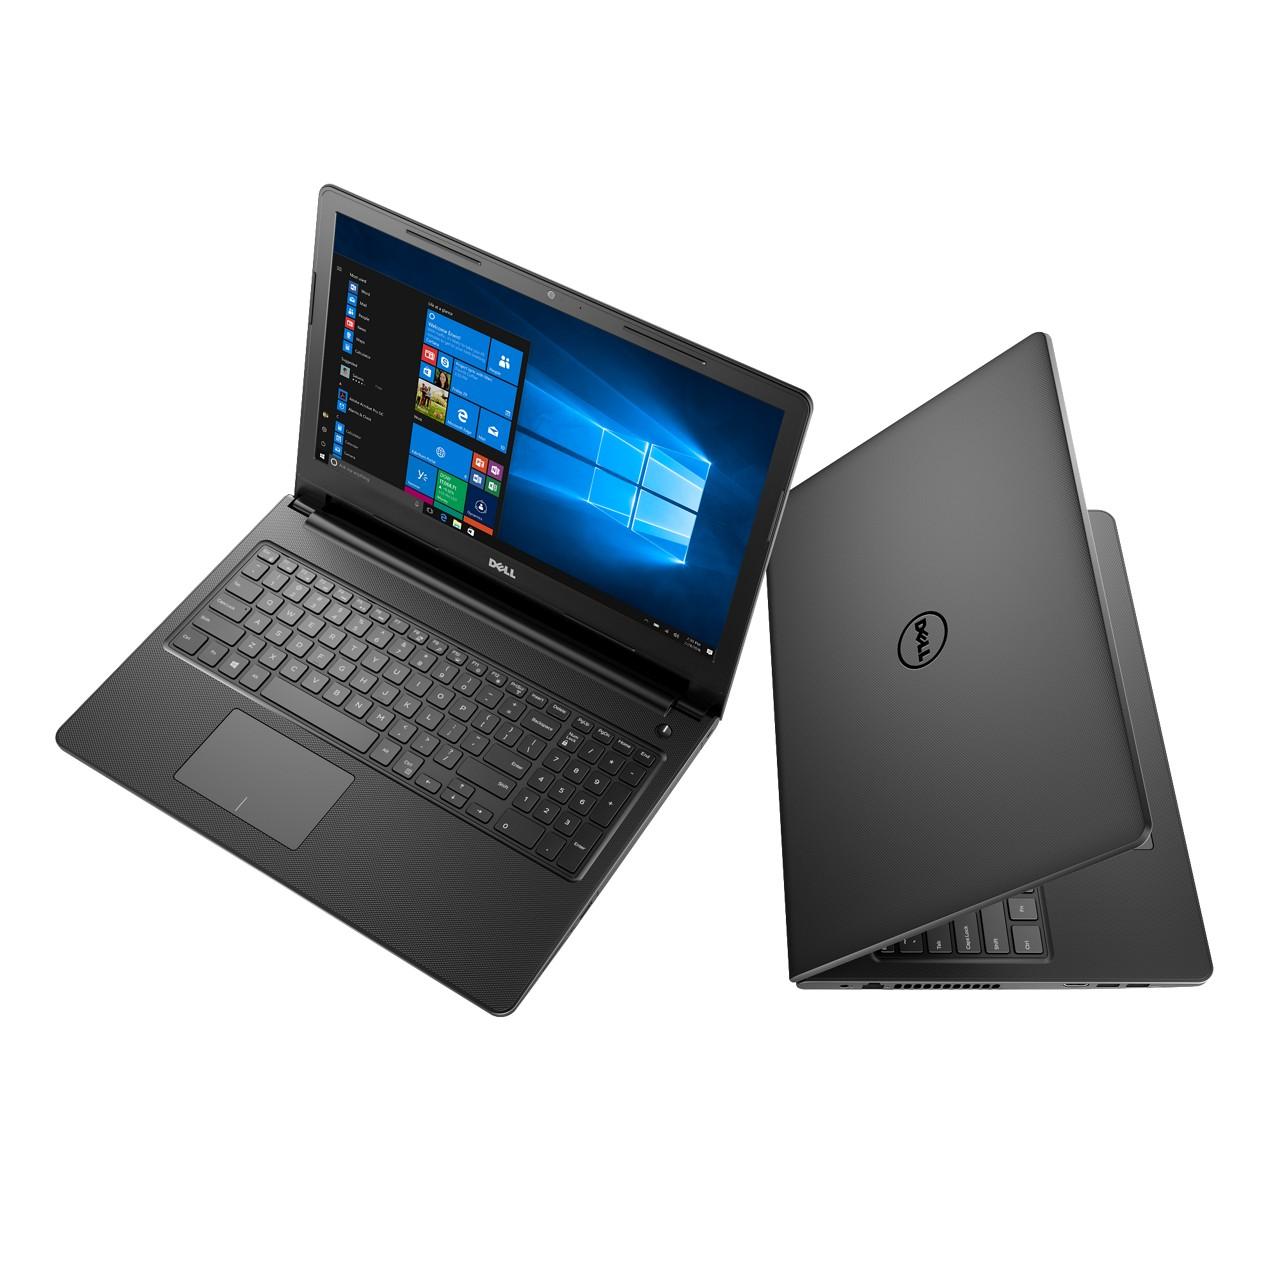 Dell Inspiron 15 3000 Laptop i3-6006U- 1TB HDD- 8GB RAM